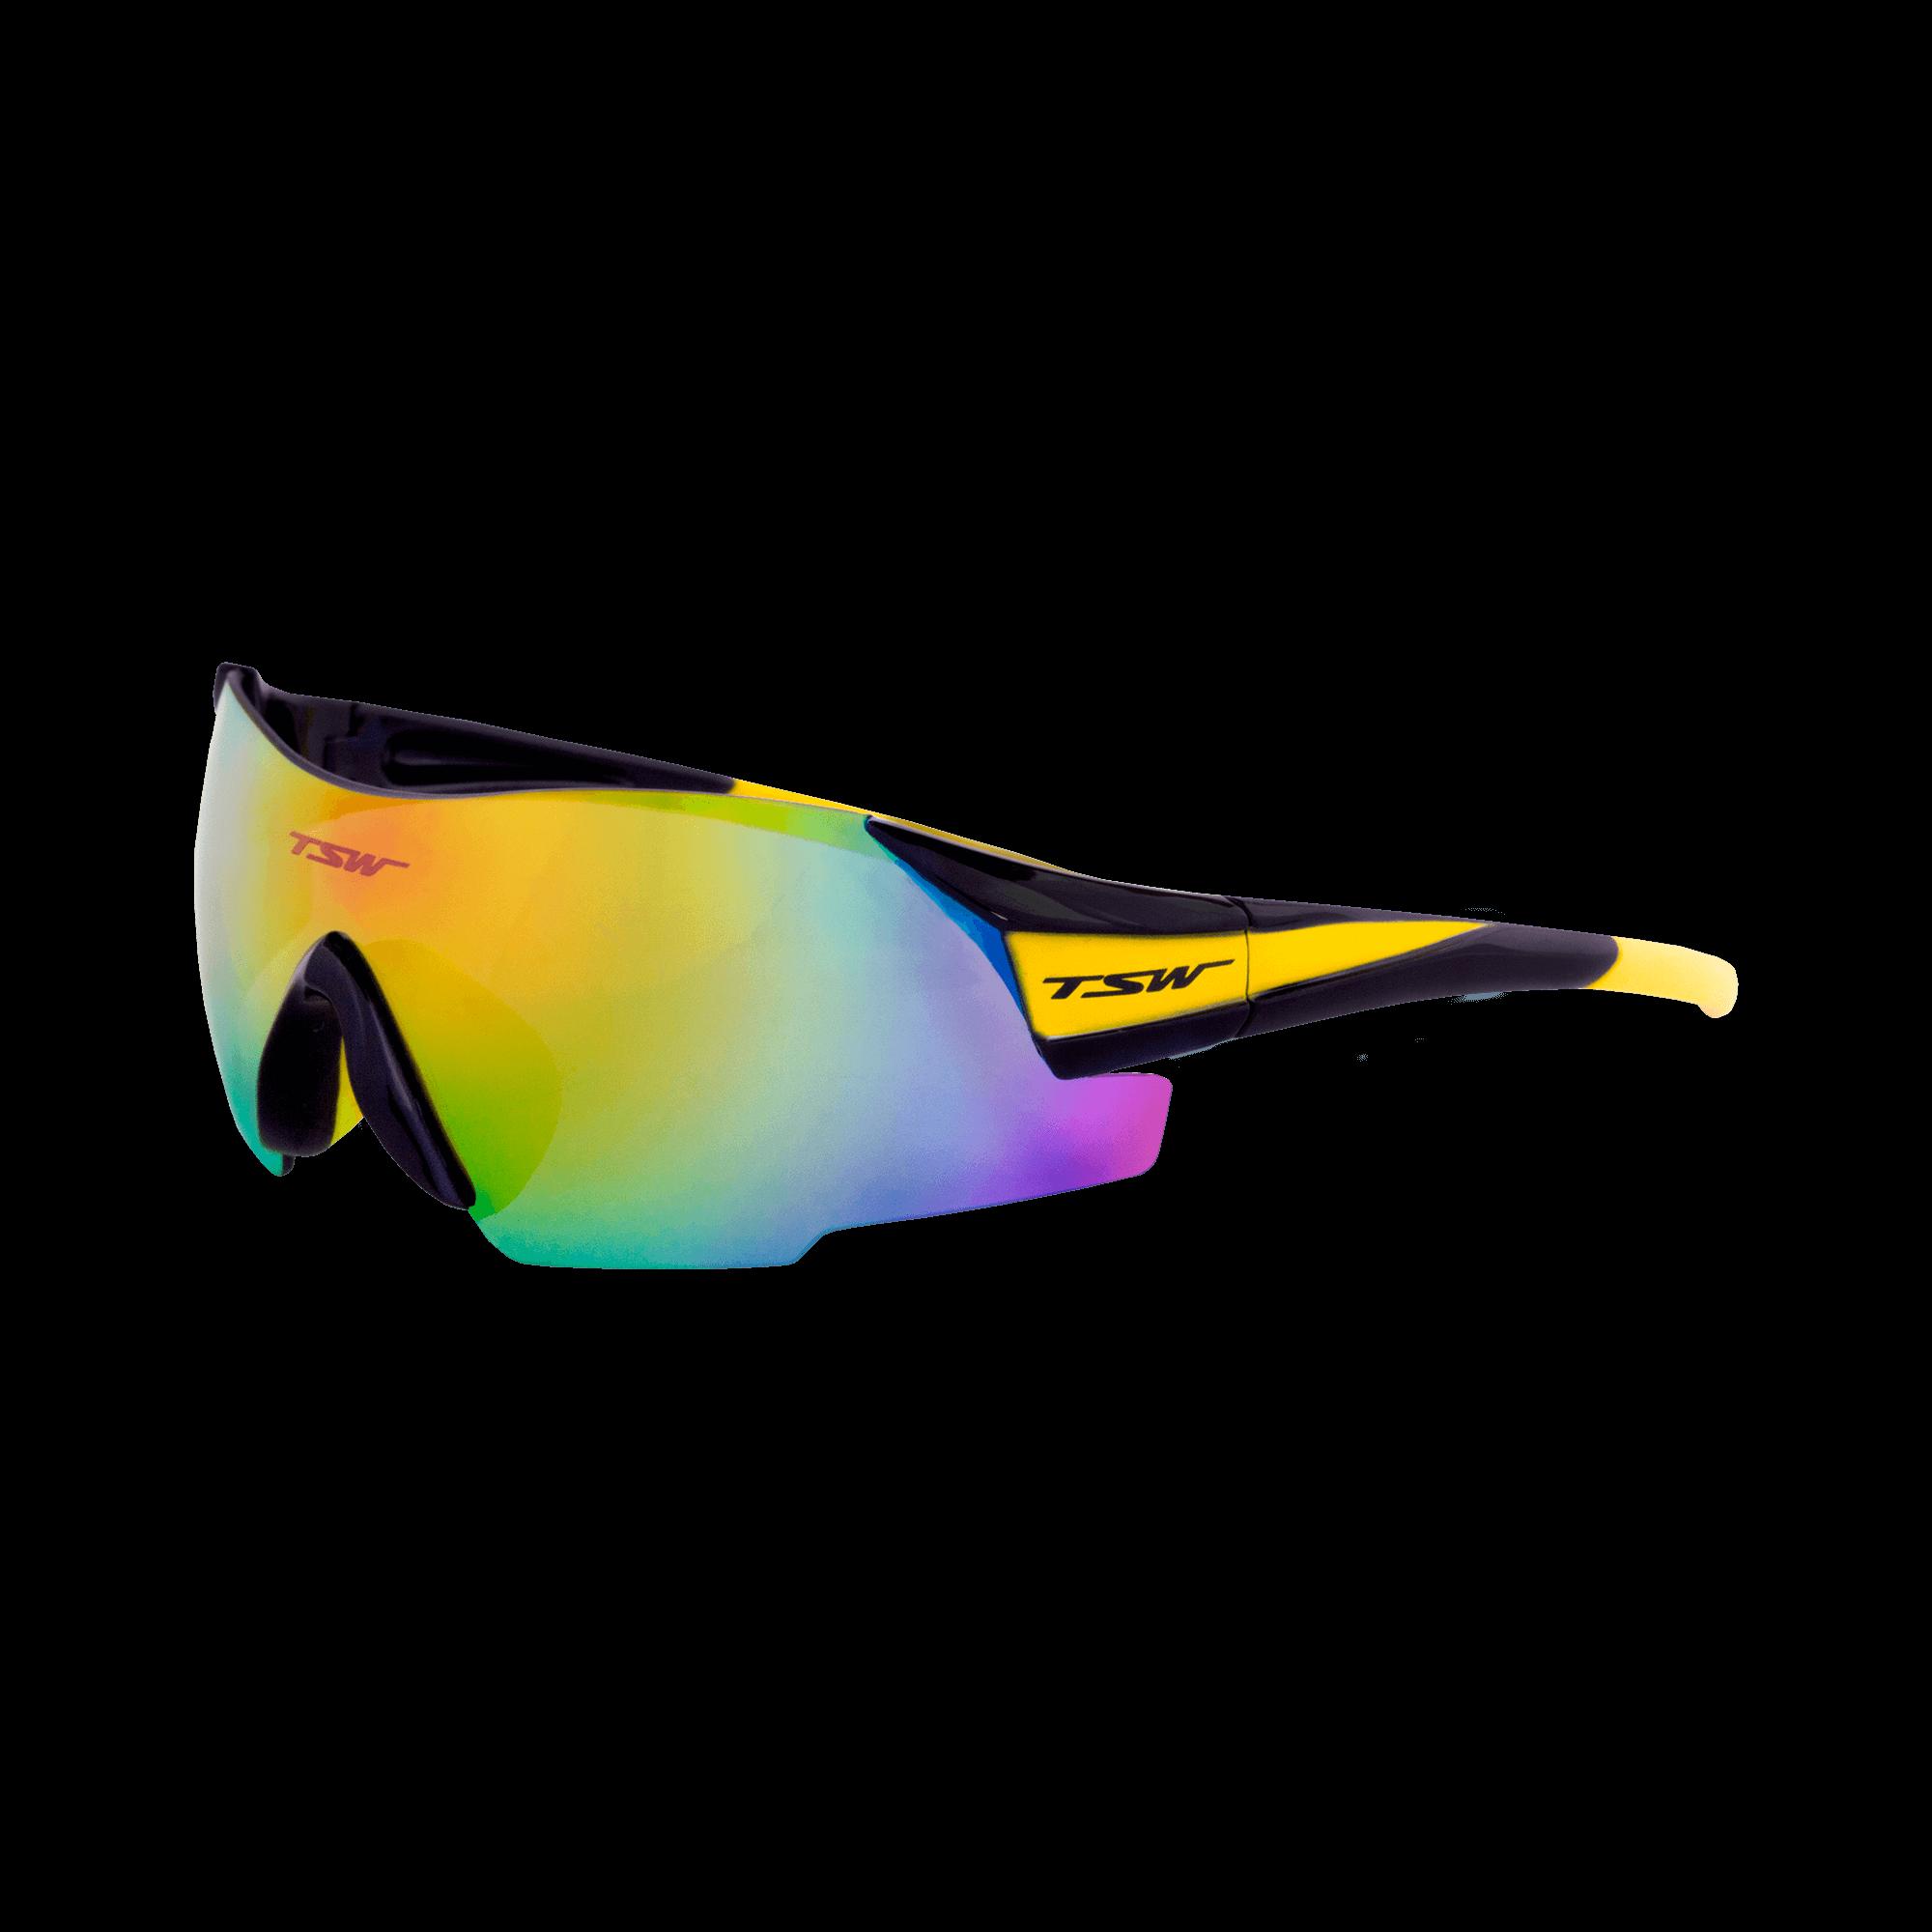 548c862c89 Óculos de ciclismo VITALUX - Amarelo e preto